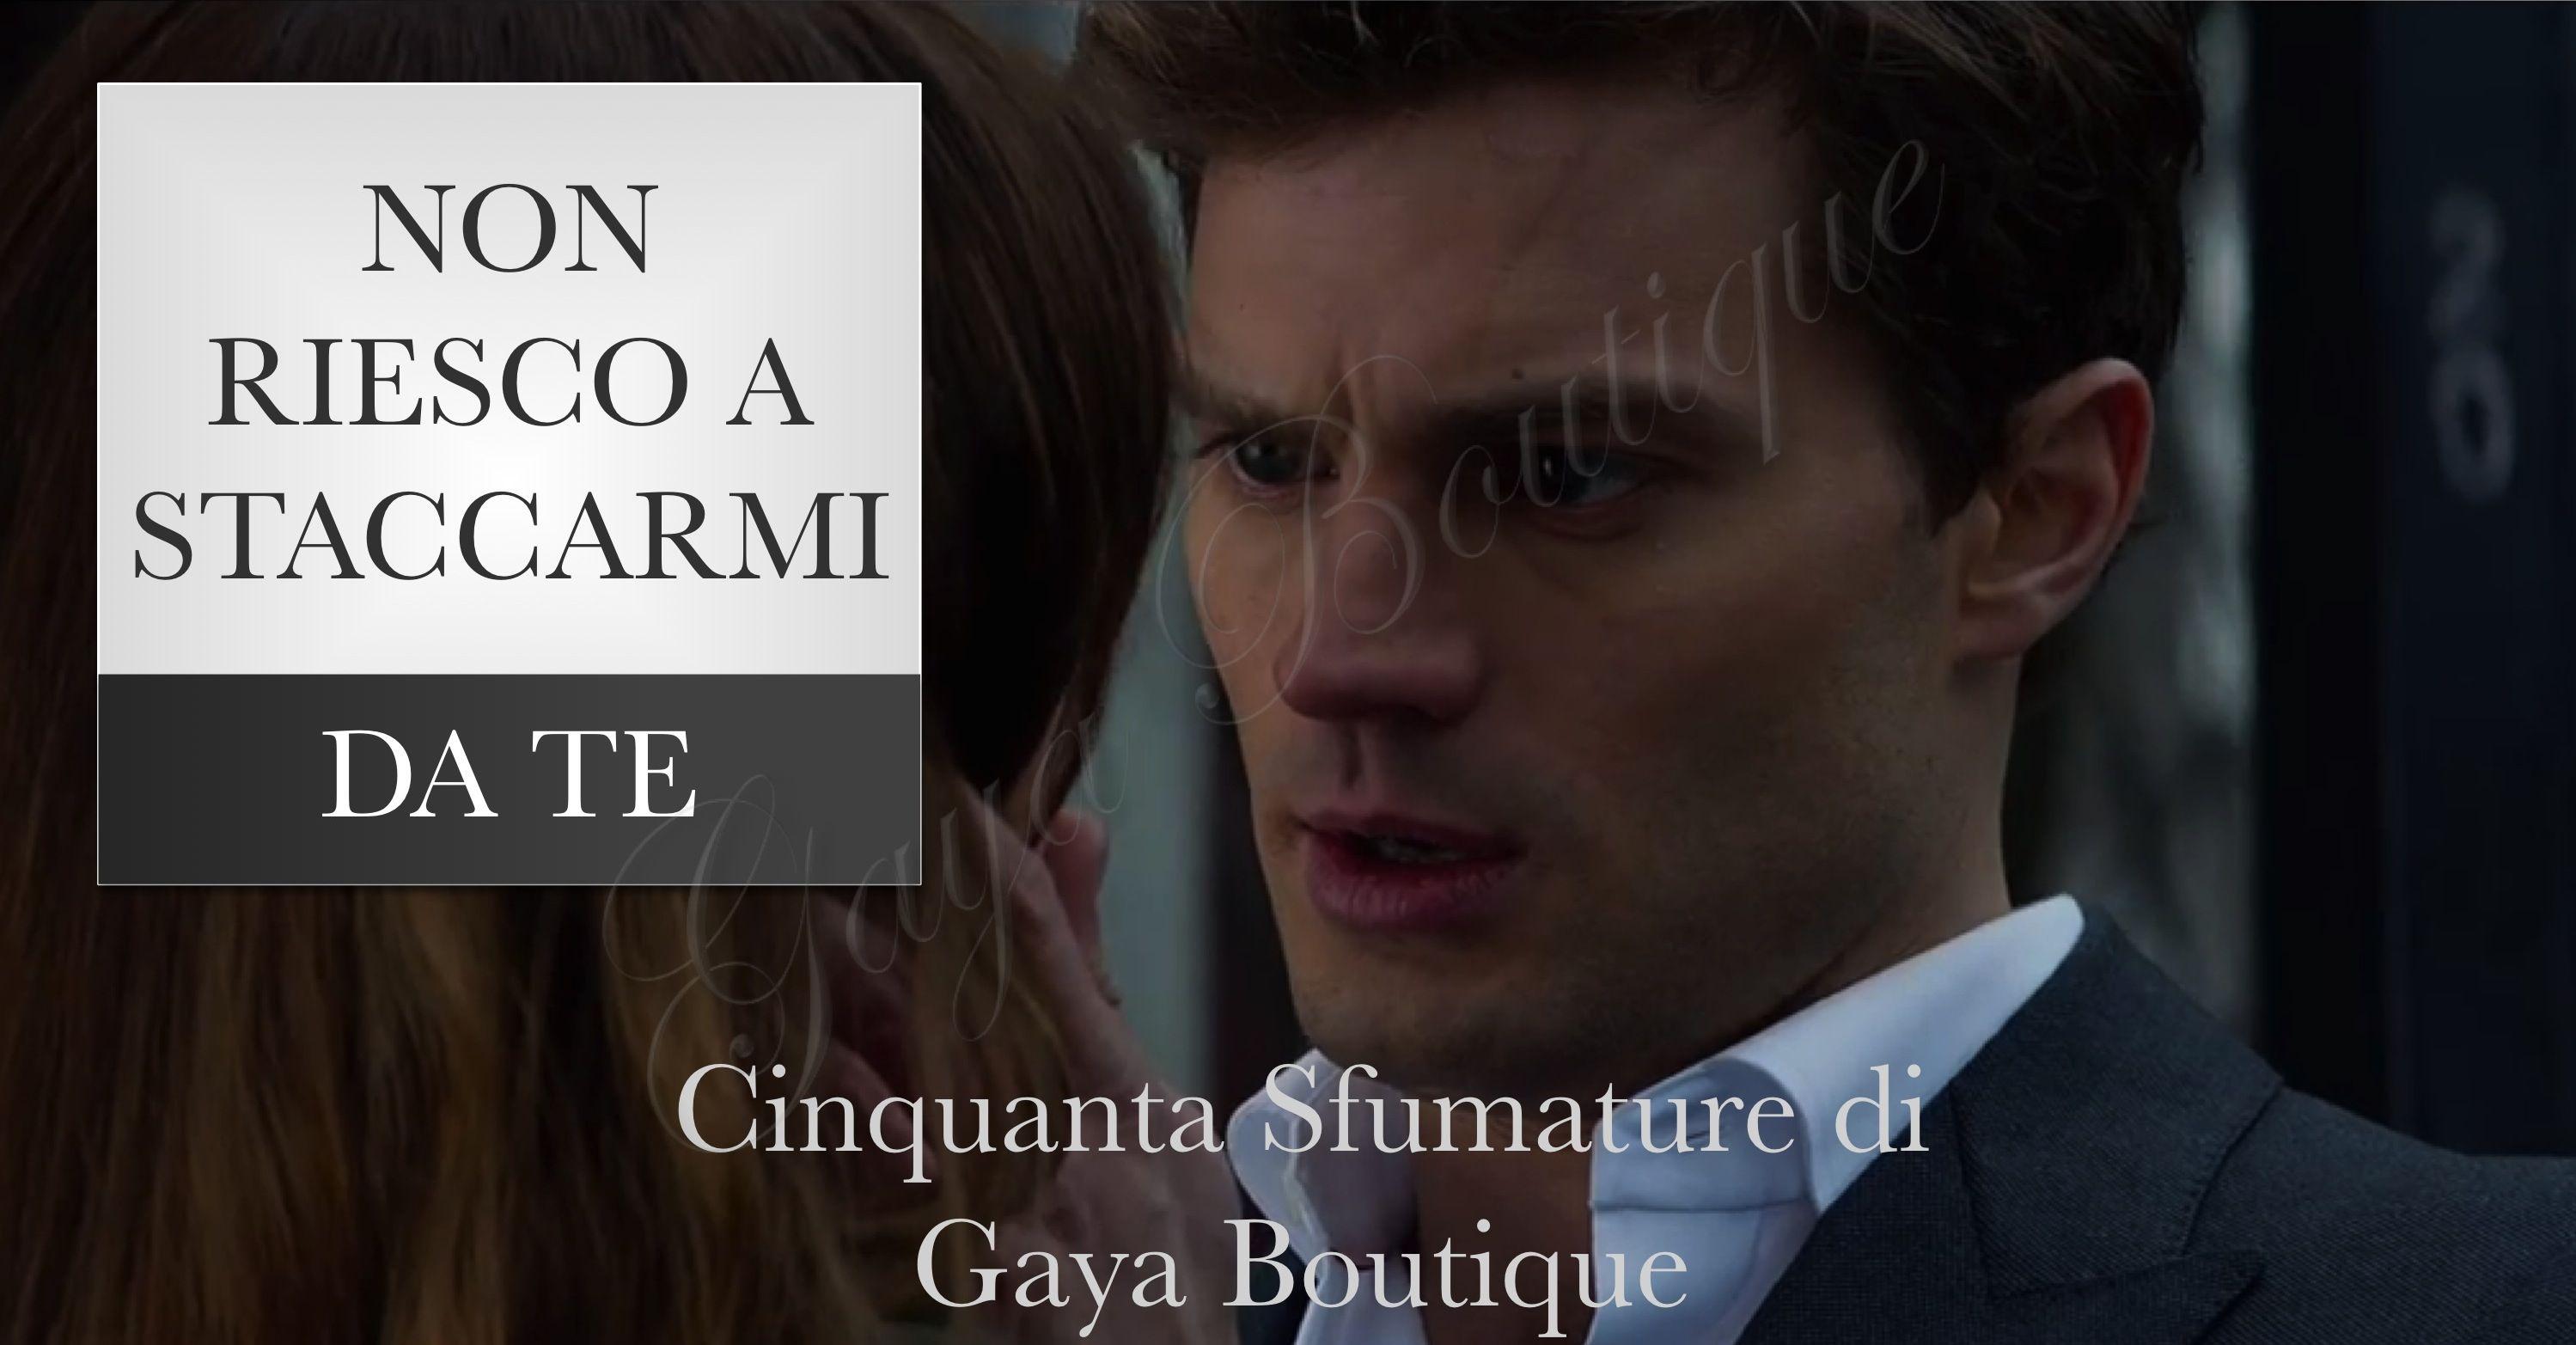 """""""Non riesco a staccarmi da te"""" Cinquante Sfumature di Grigio - Fifty Shades of Grey - Kit Chic da Gaya Boutique www.intimoecostumi.com"""